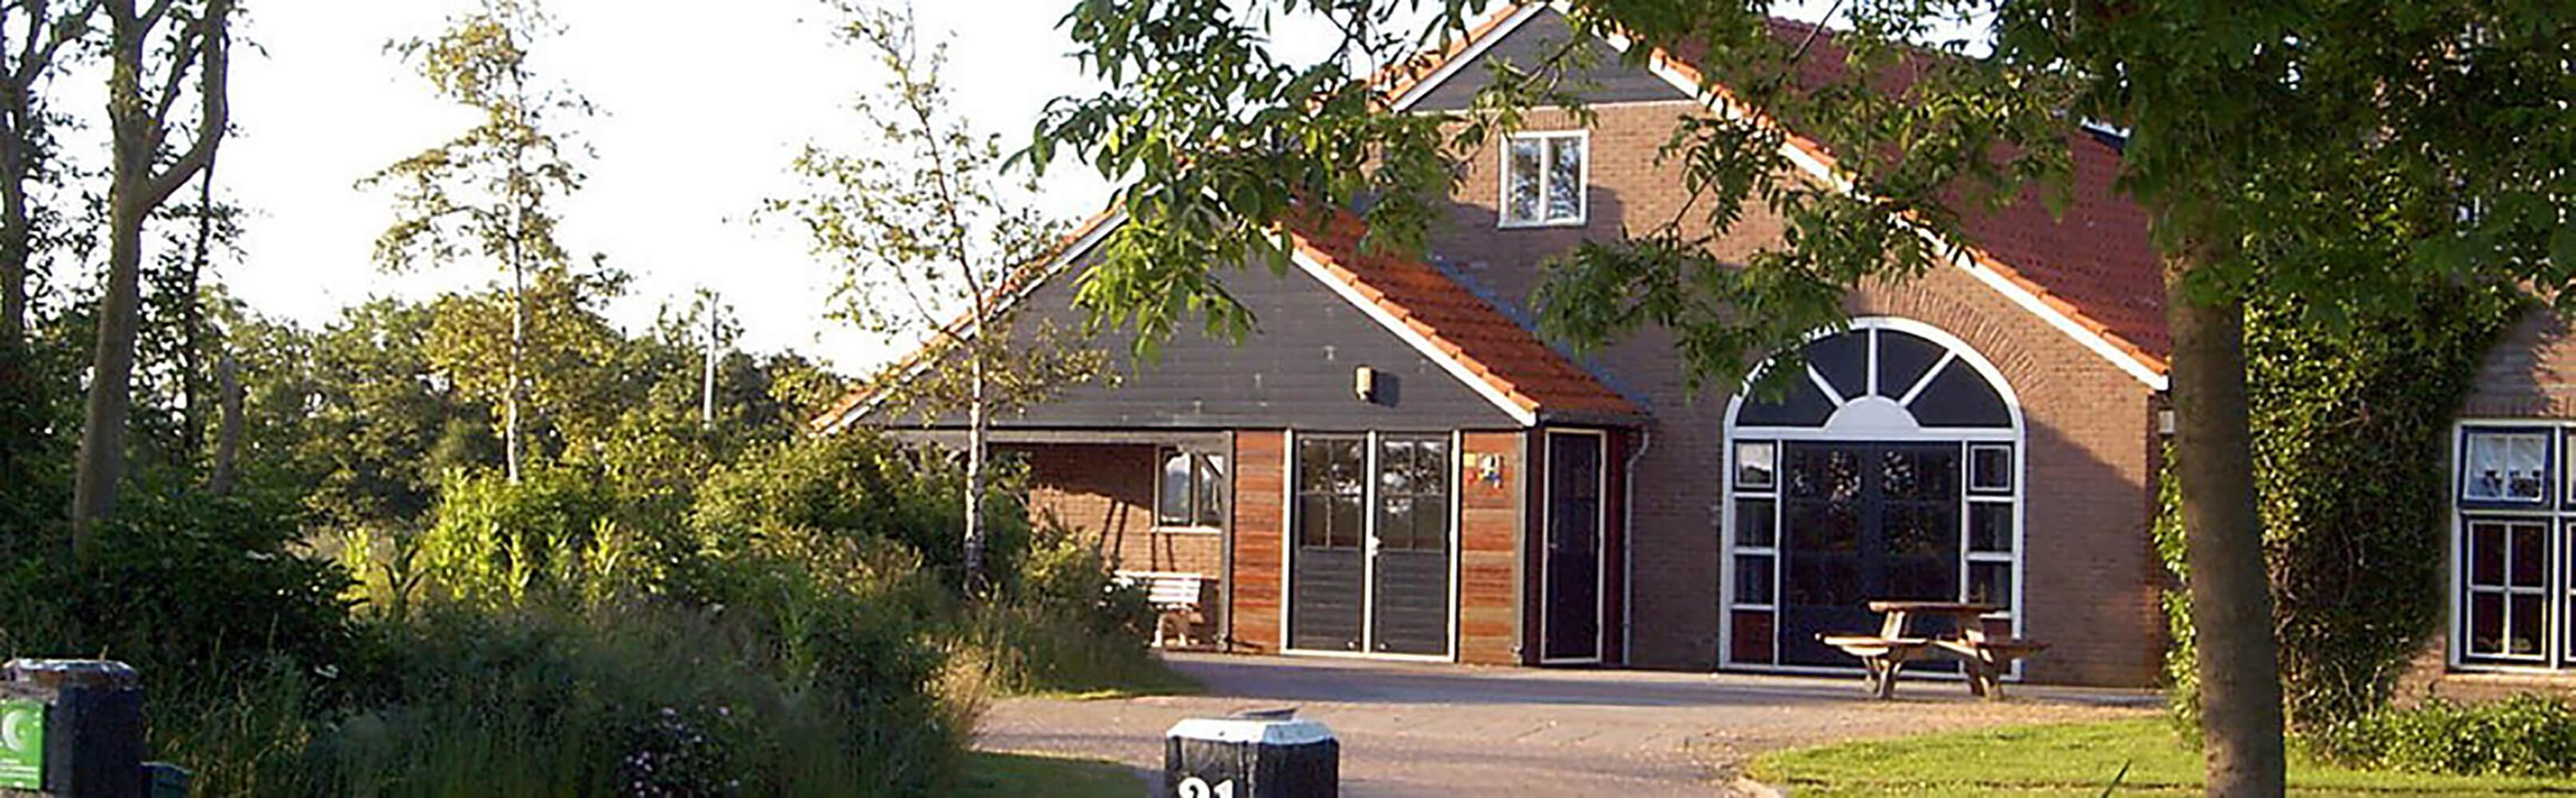 Gruppenunterkunft Jonkersbergen Texel 1